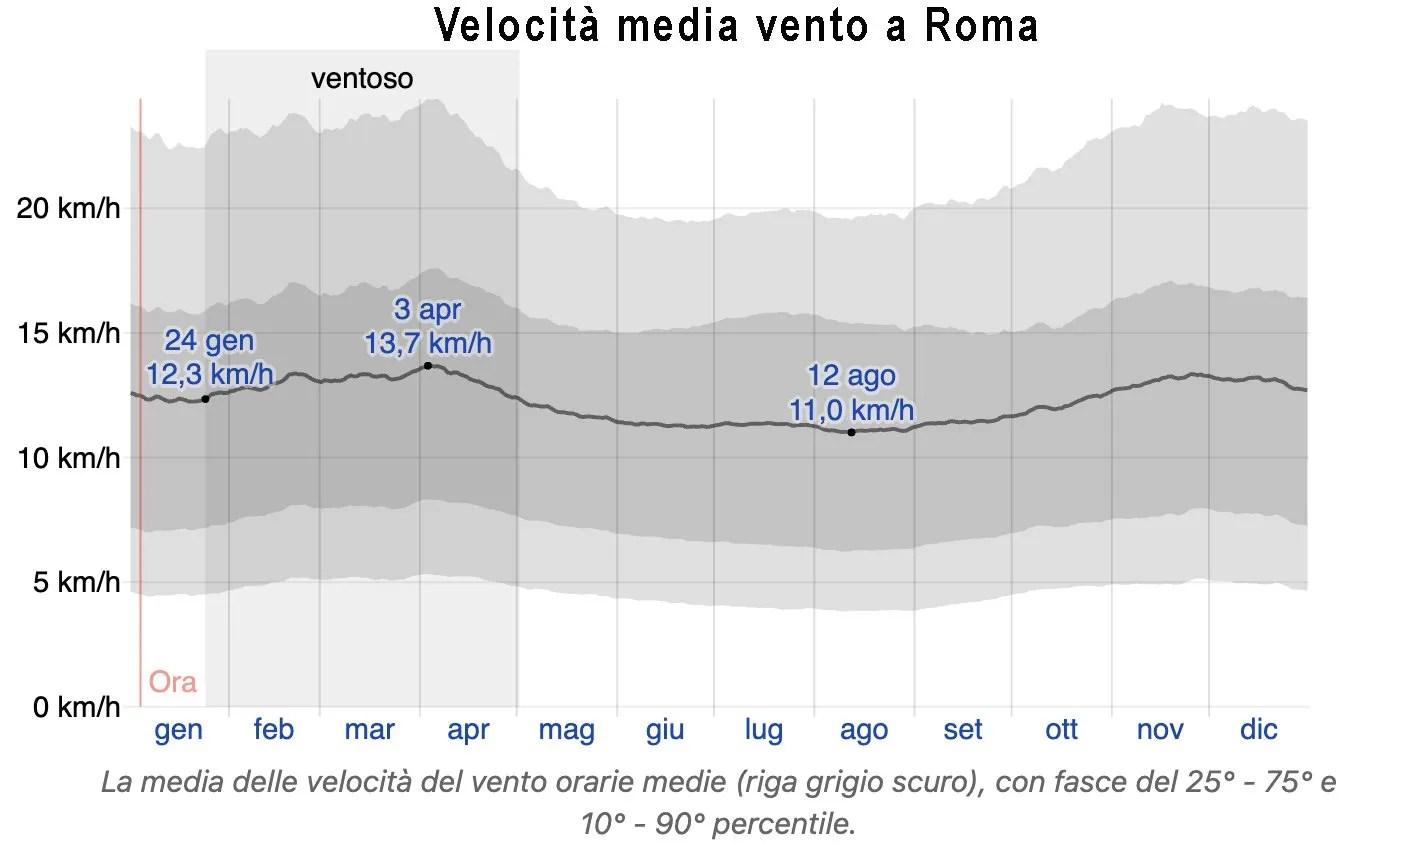 grafico velocità media vento roma